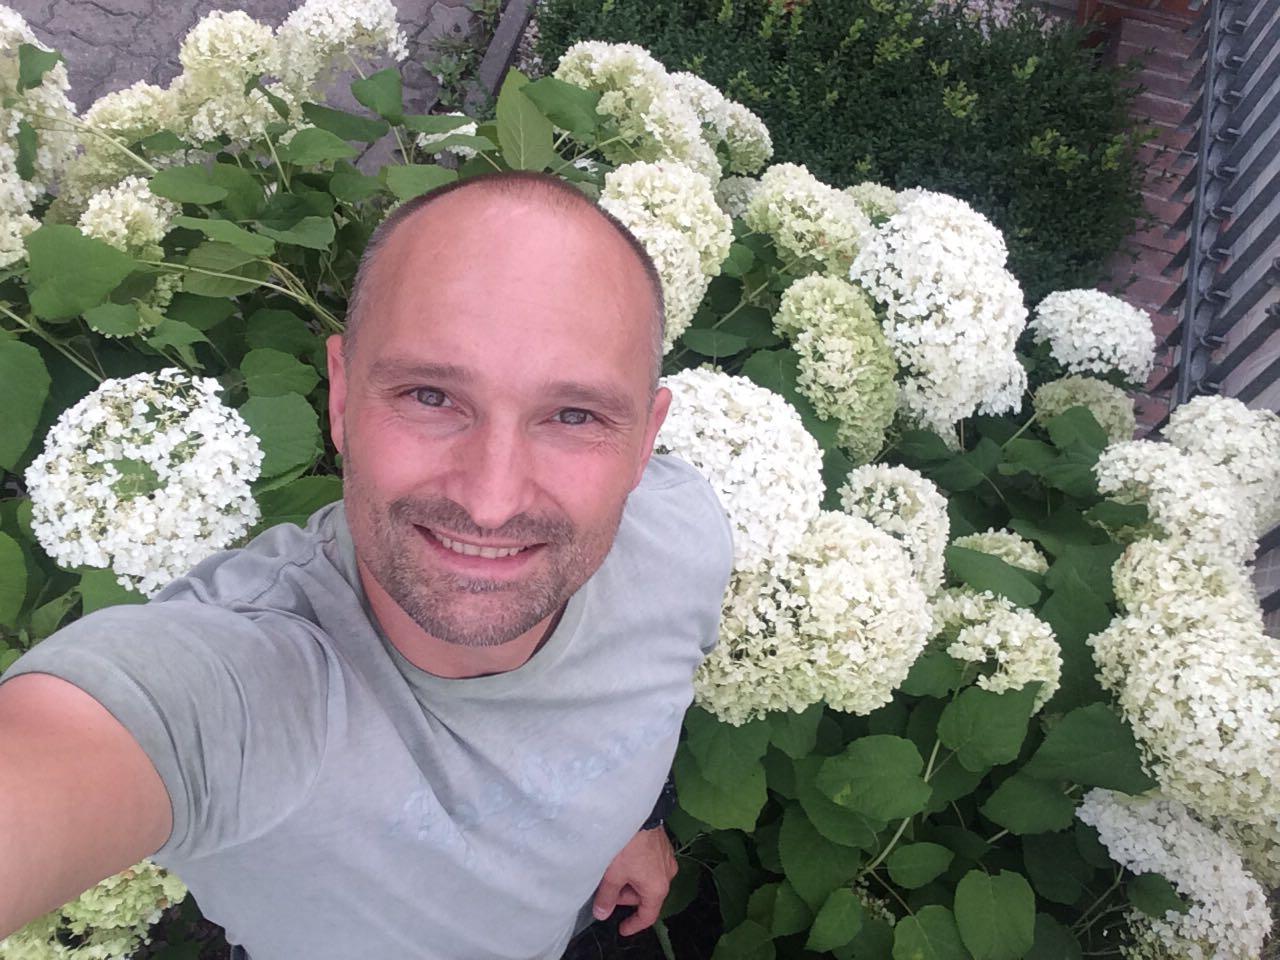 Dominik Strzelec jest dziś gościem GREEN CANOE - rozmawiamy o pasji tworzenia ogrodów.